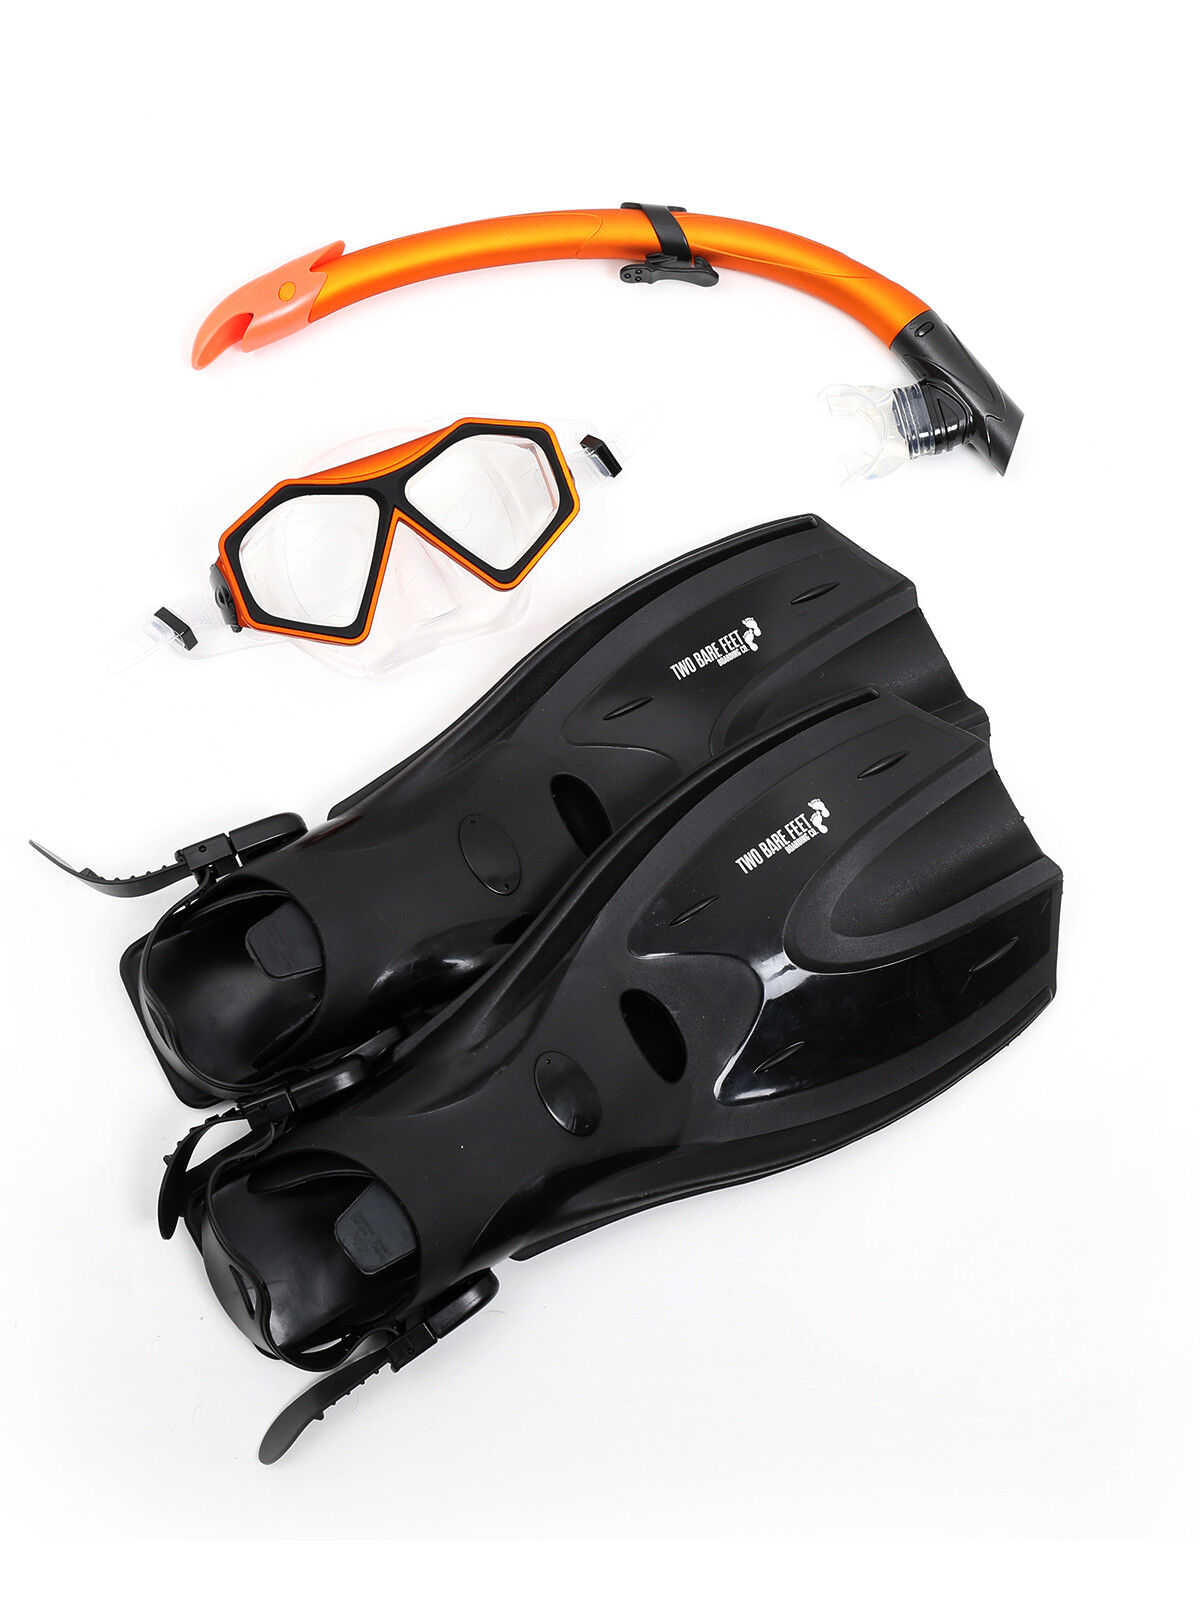 tbf 3-tlg. divesport silikon Maske Schnorchel & Flossen… | Nicht zutreffend